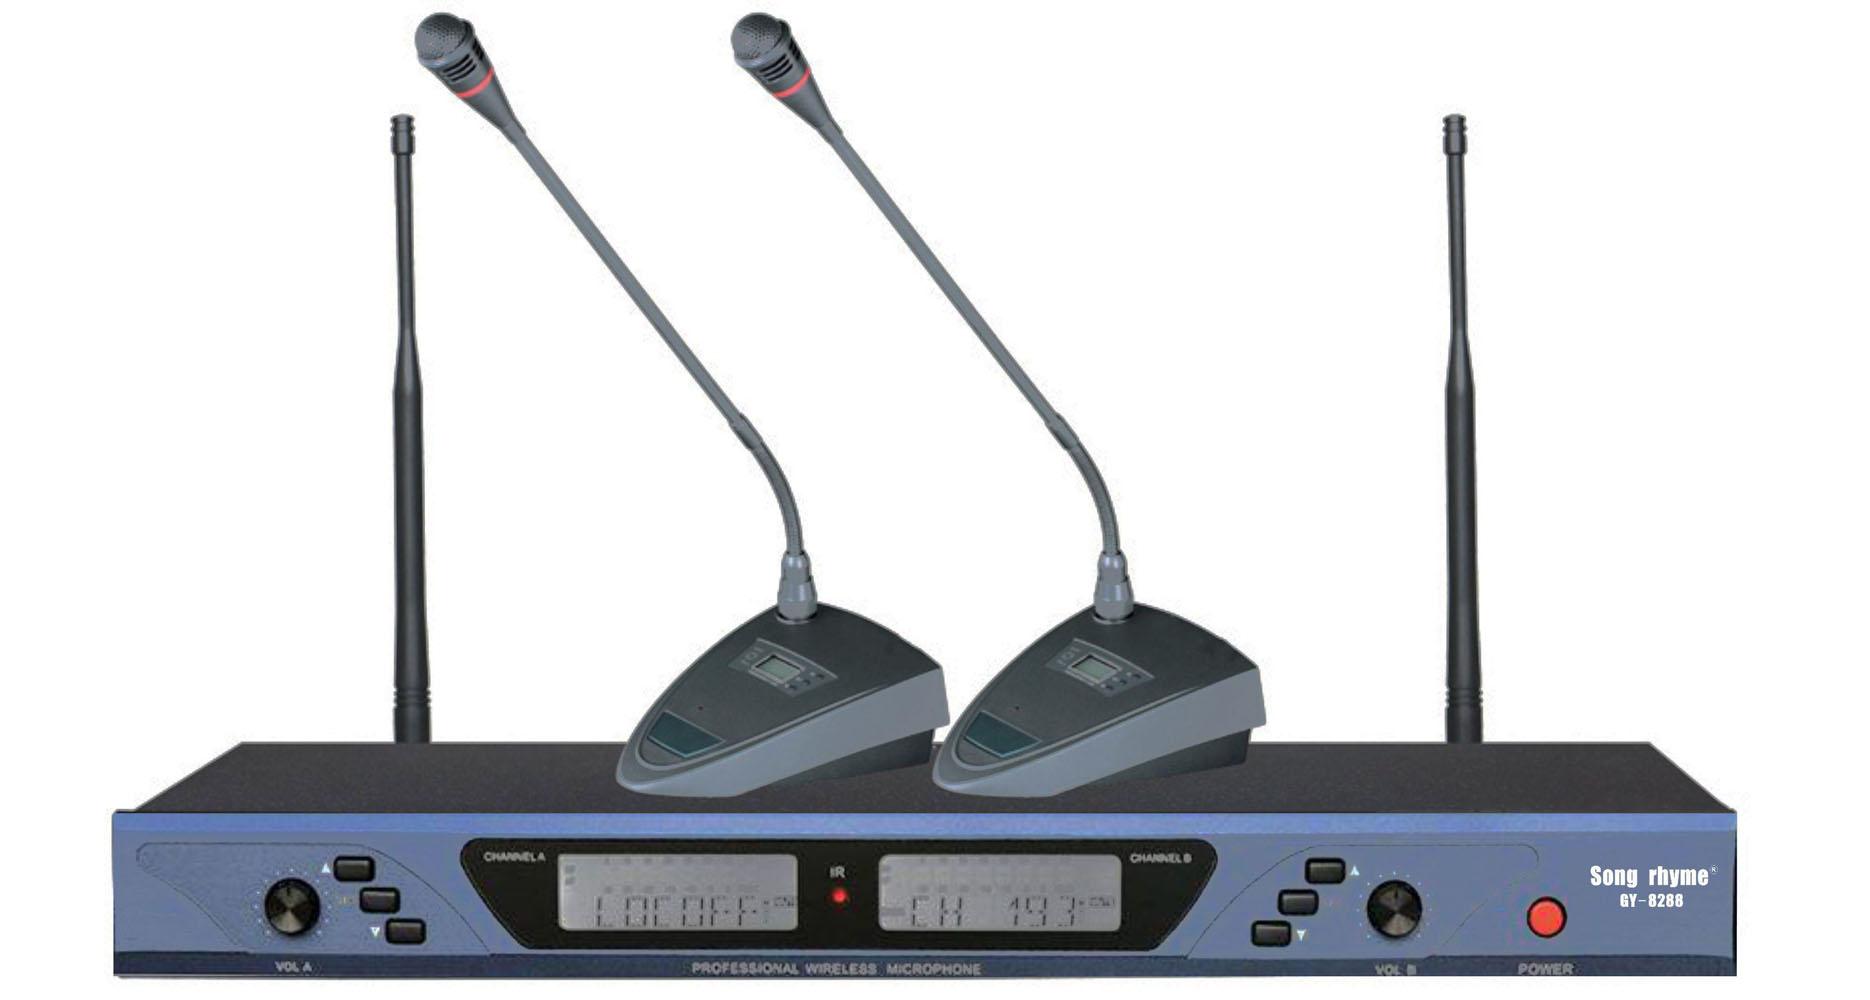 gy-8288会议话筒-专业话筒-重庆歌韵音响灯光经营部